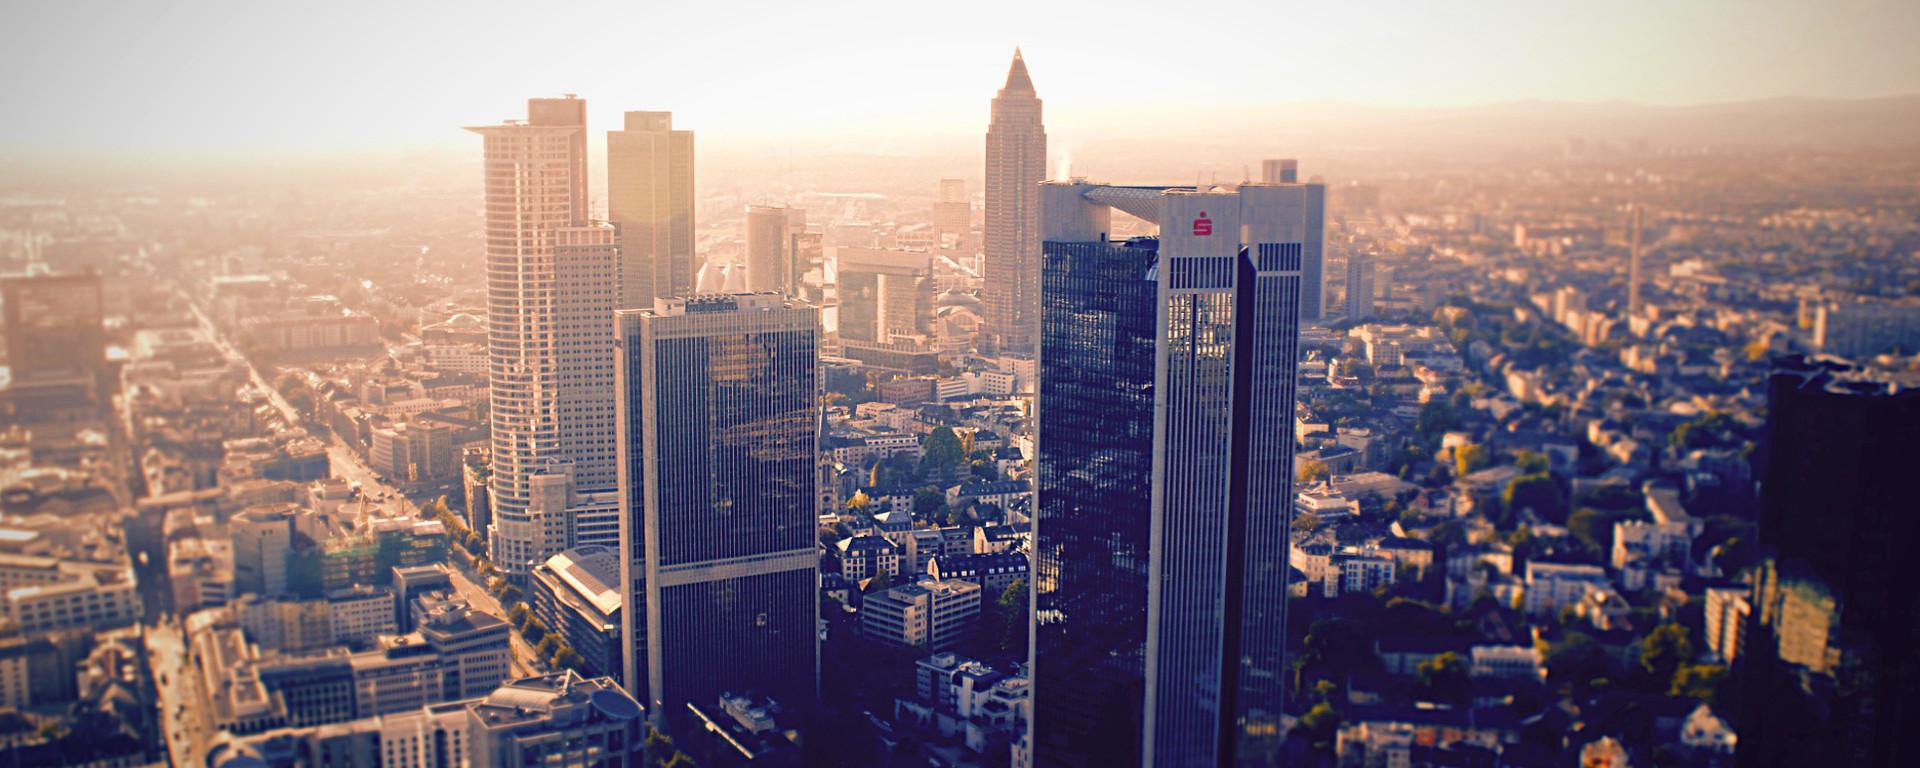 Das SAVOY Hotel Frankfurt für Ihre Städtereise und Kurzurlaub